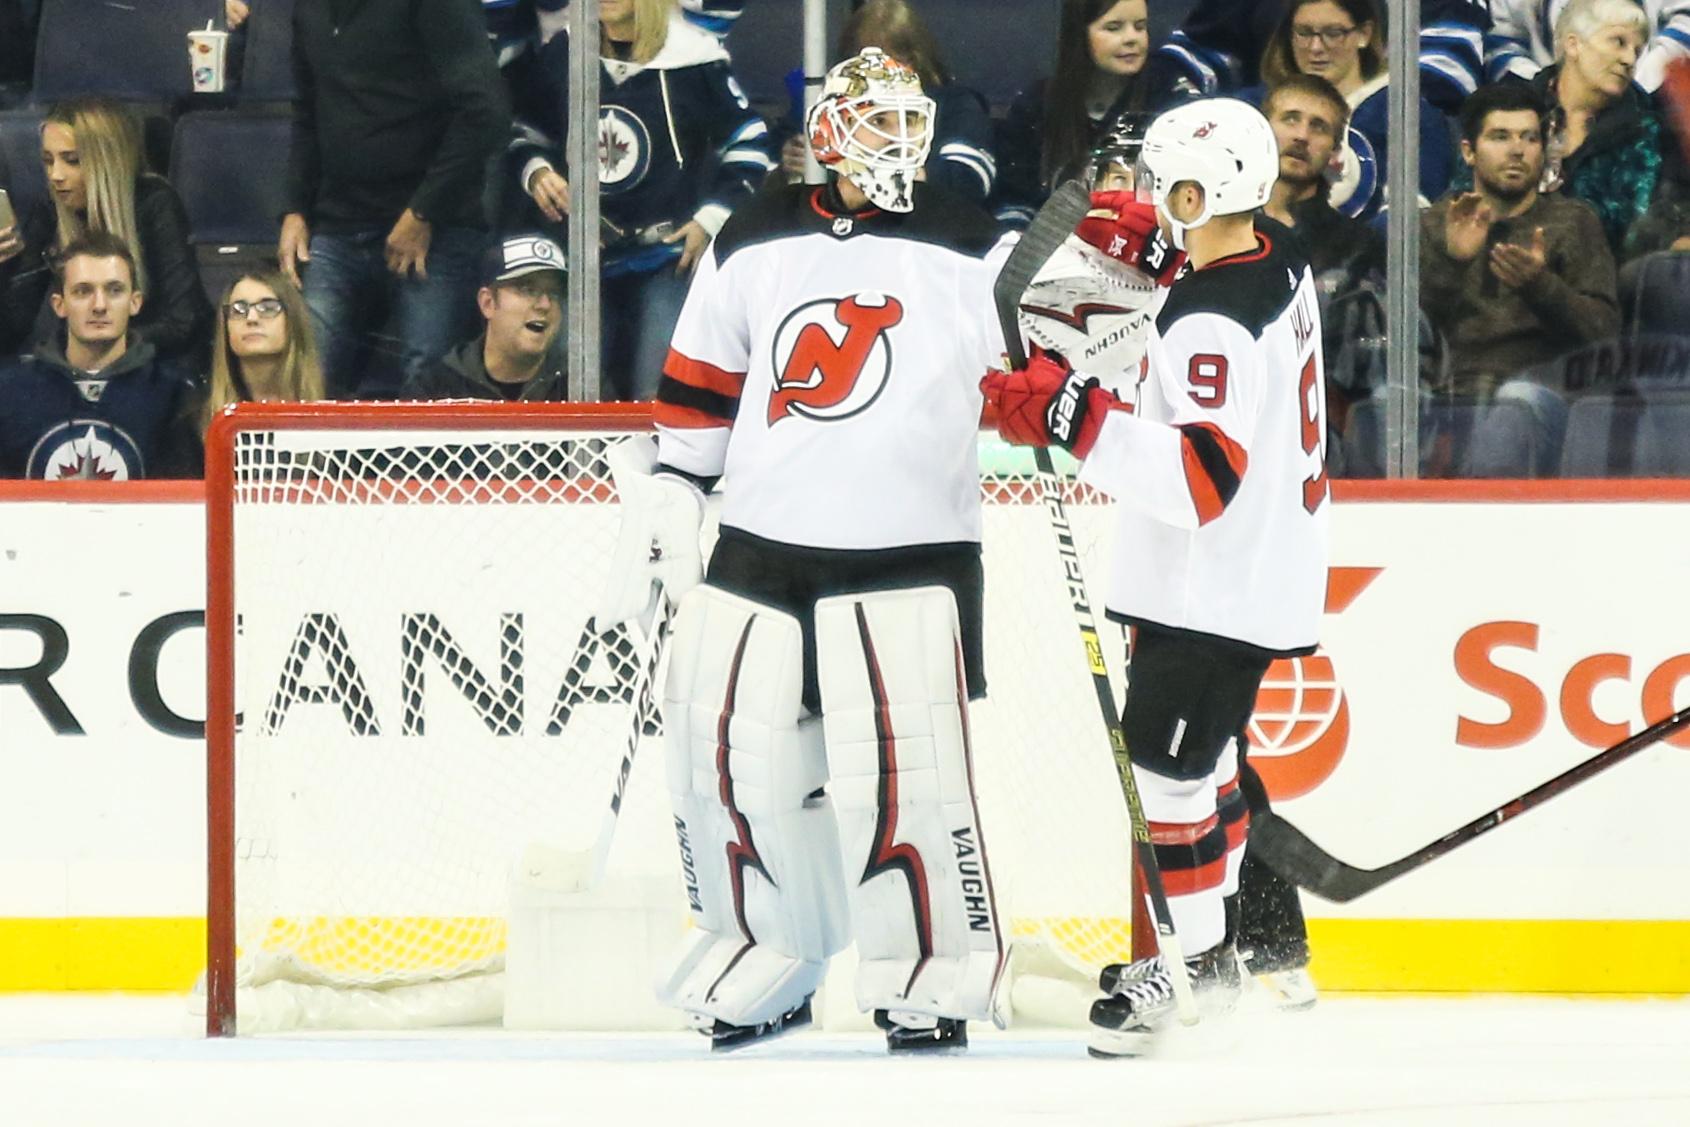 NHL: Preseason-New Jersey Devils at Winnipeg Jets